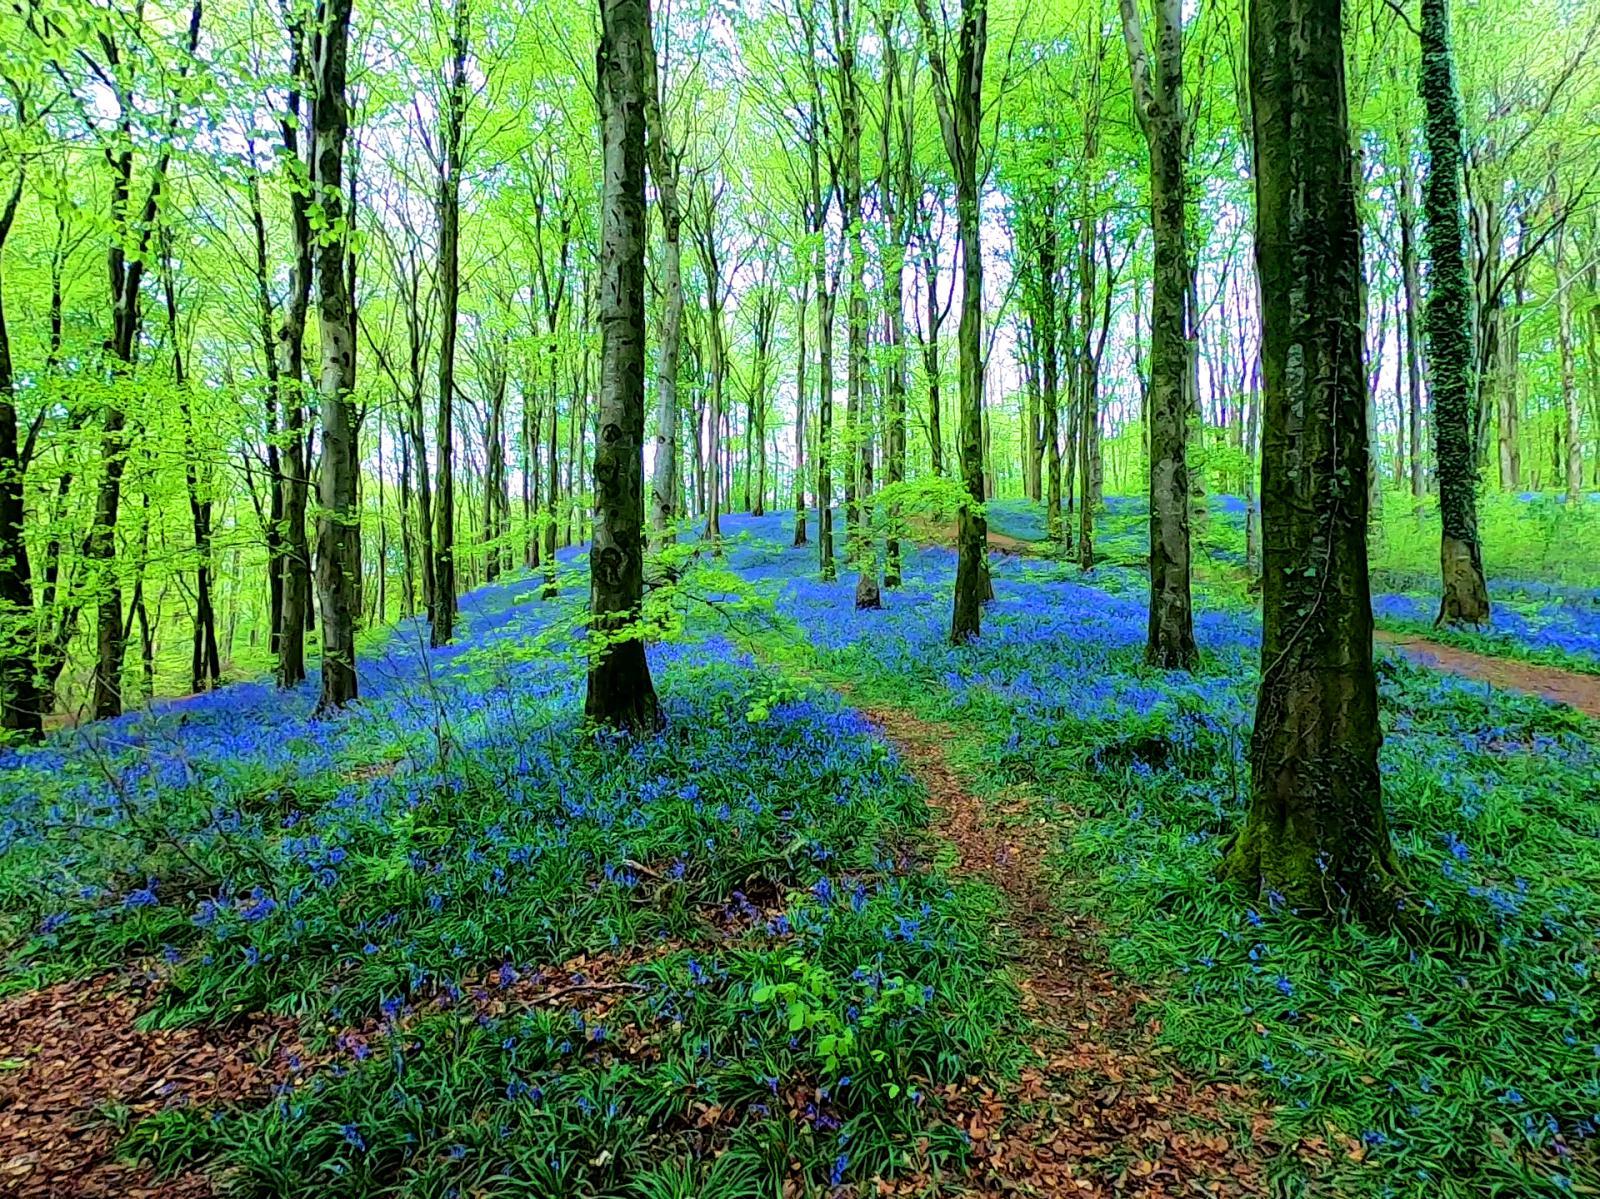 portglenone-forest-bluebells-northern-ireland-2019.jpg